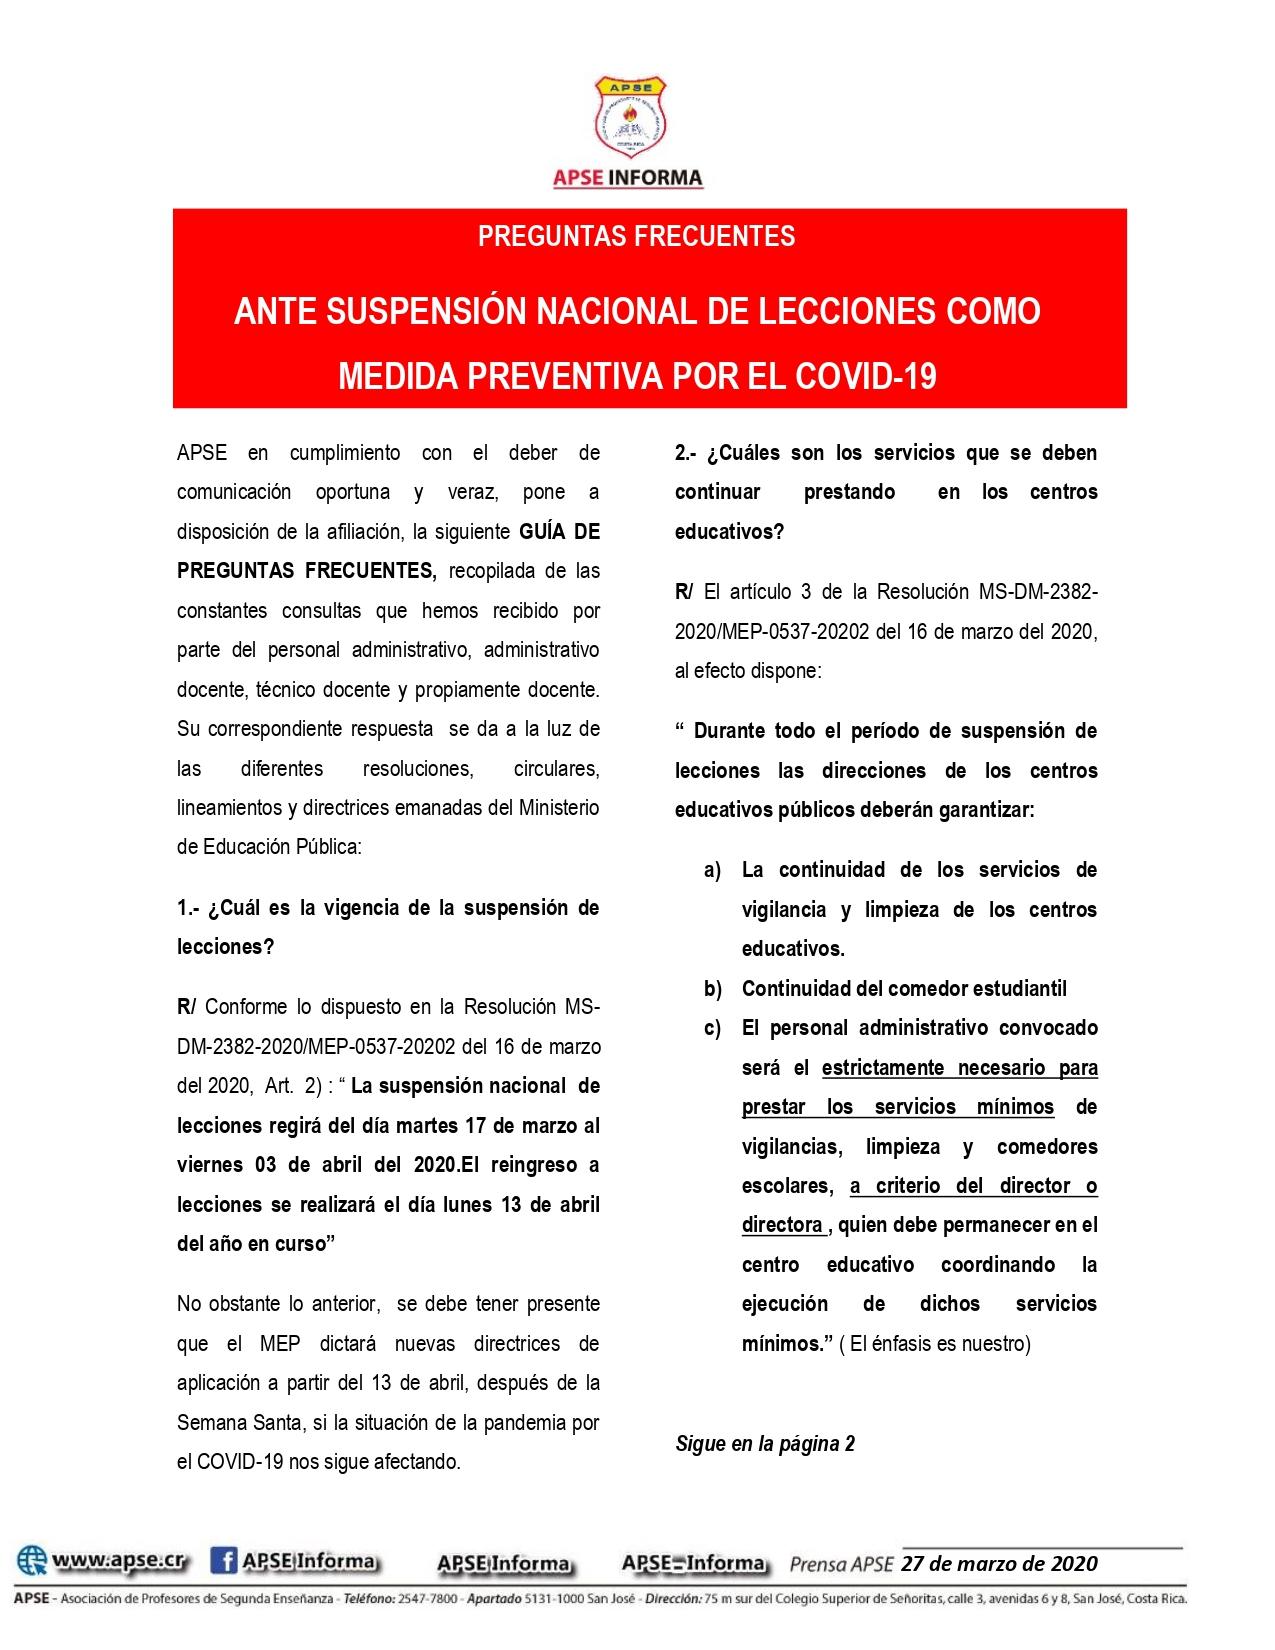 Preguntas frecuentes: ANTE SUSPENSIÓN NACIONAL DE LECCIONES COMO MEDIDA PREVENTIVA POR EL COVID-19